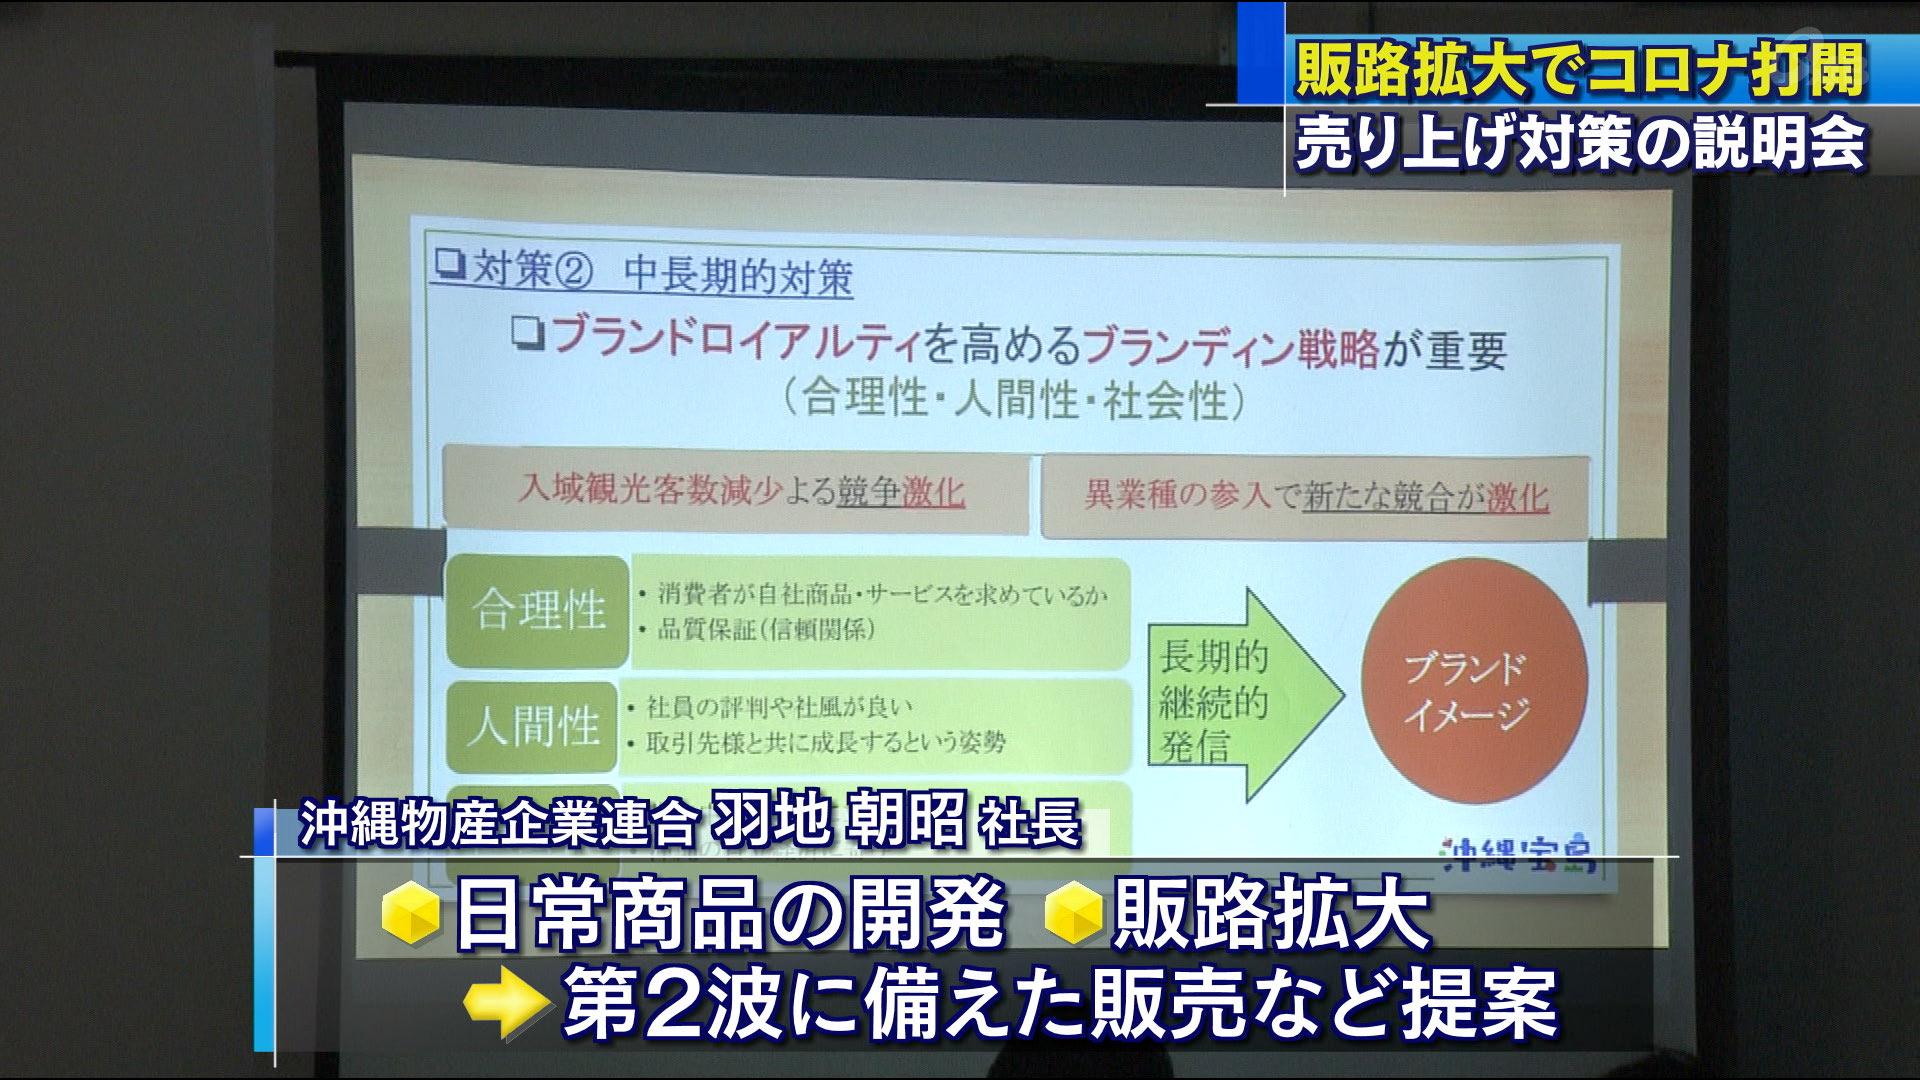 コロナ禍の影響における売上対策説明会